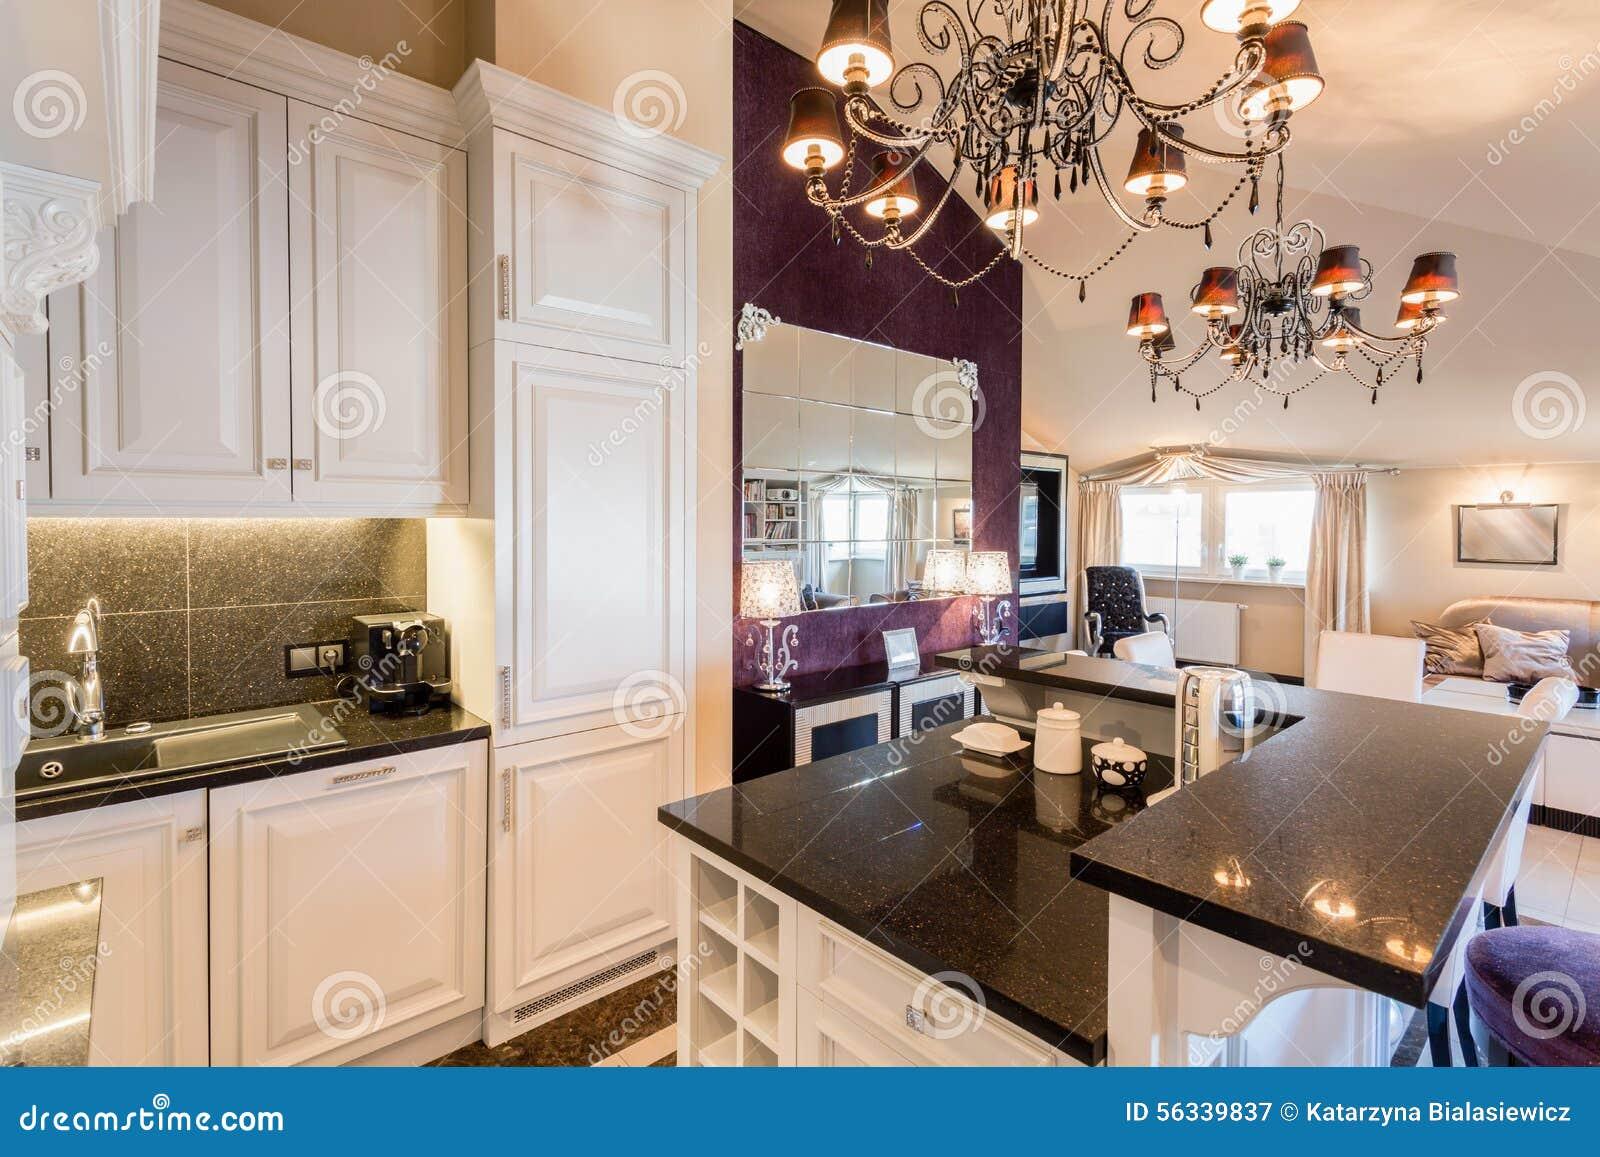 Keuken in barok huis stock afbeelding afbeelding bestaande uit architectuur 56339837 - Foto keuken amenagee ...